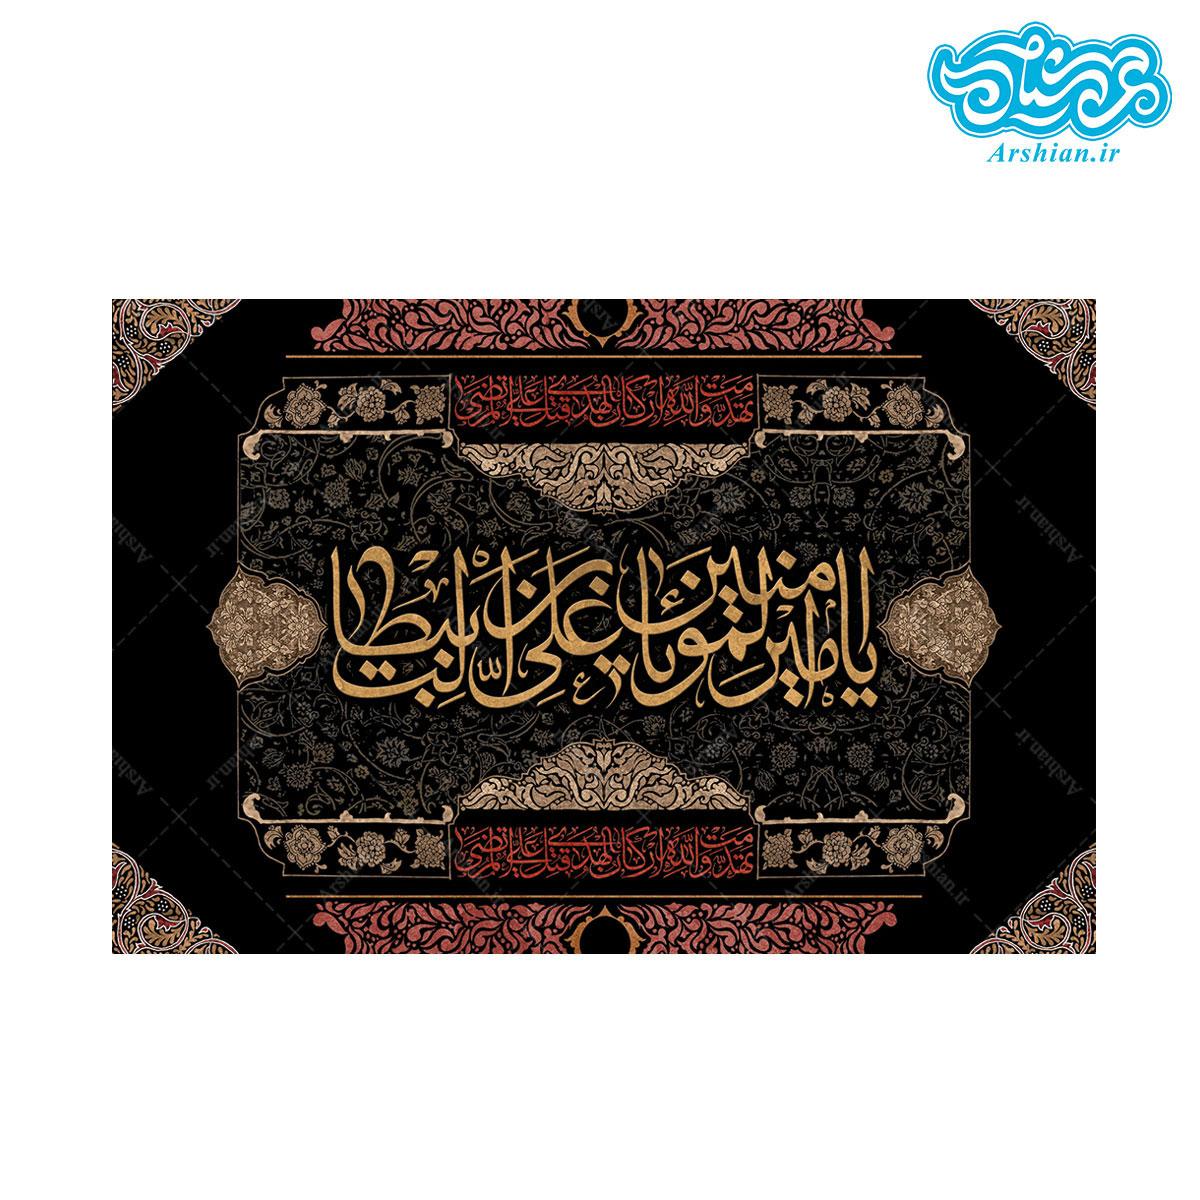 قاب شاسی باطرح تهدمت والله ارکان الهدی کد 0143